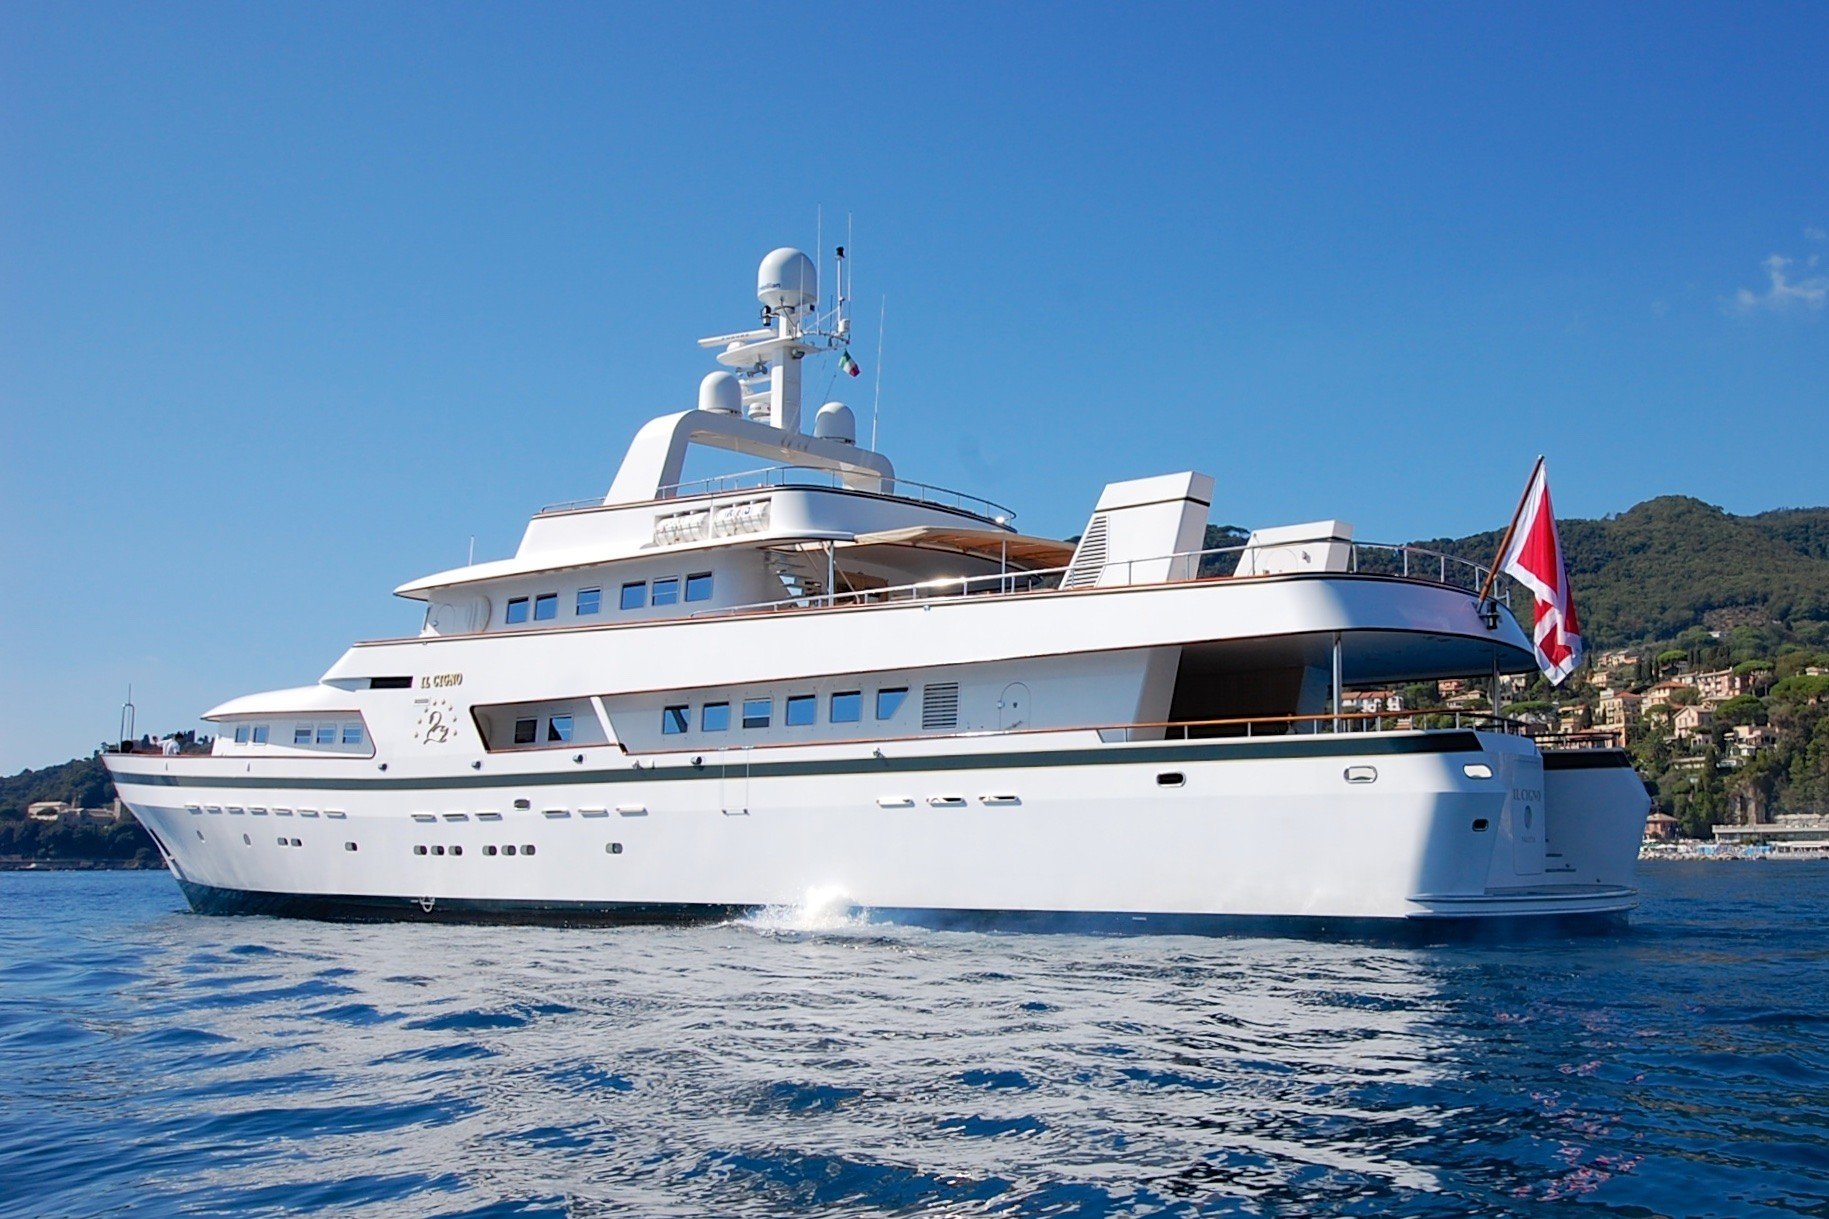 The 42m Yacht IL CIGNO